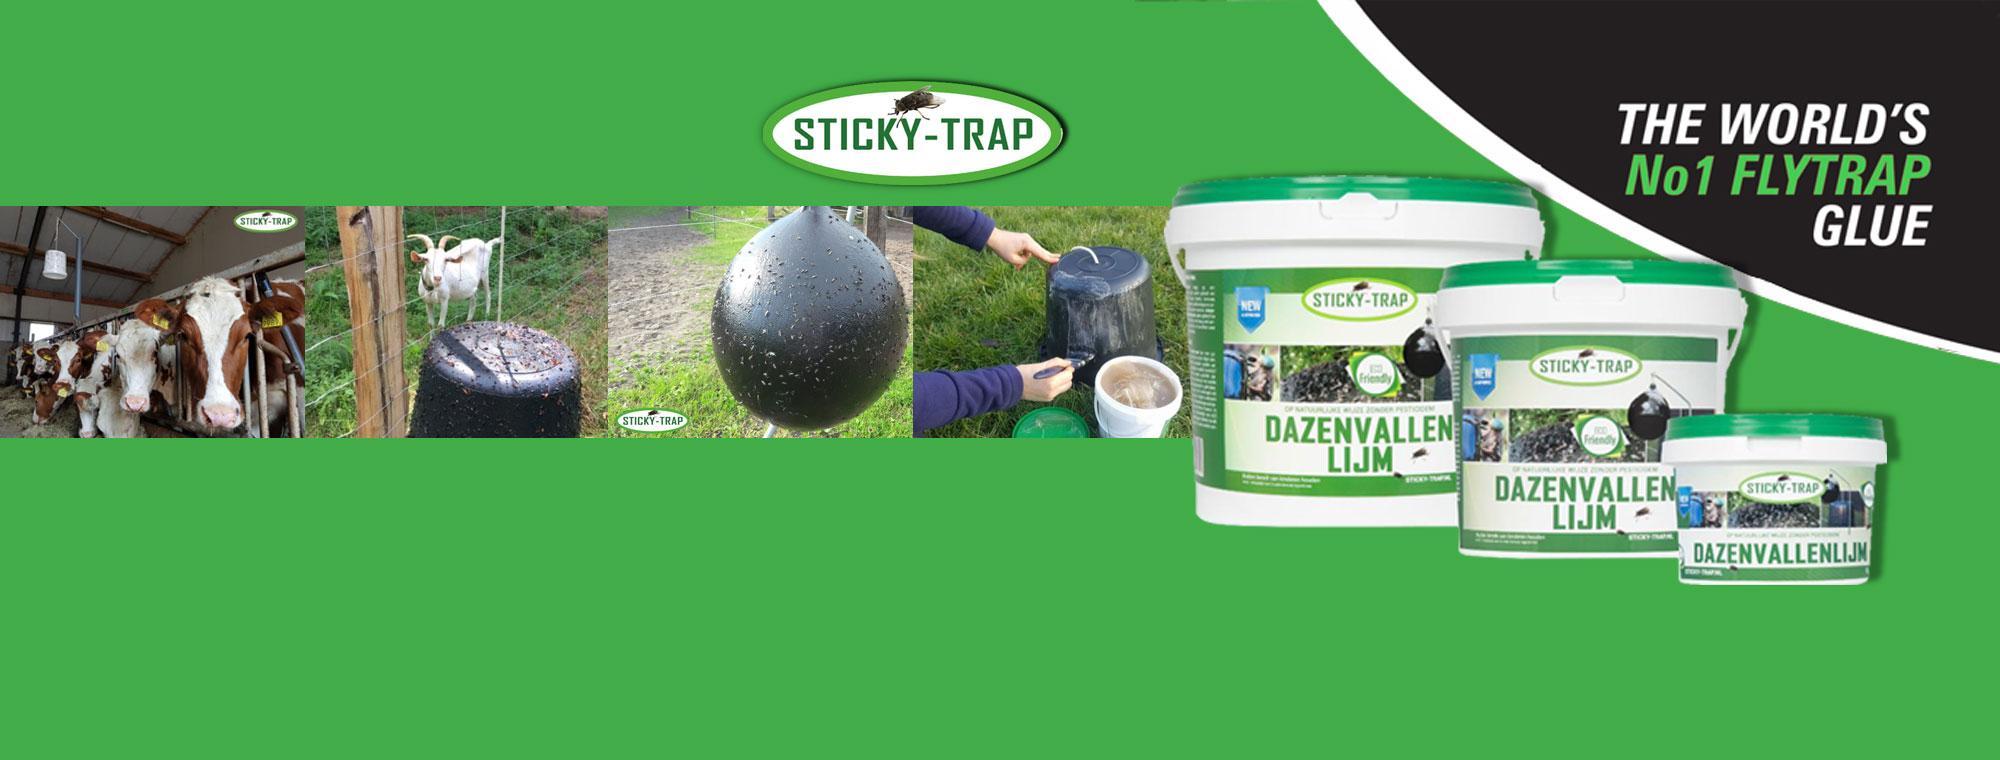 Sticky Trap dazenvallen lijm, verantwoord, betaalbaar en effectief bij bijtende insecten!